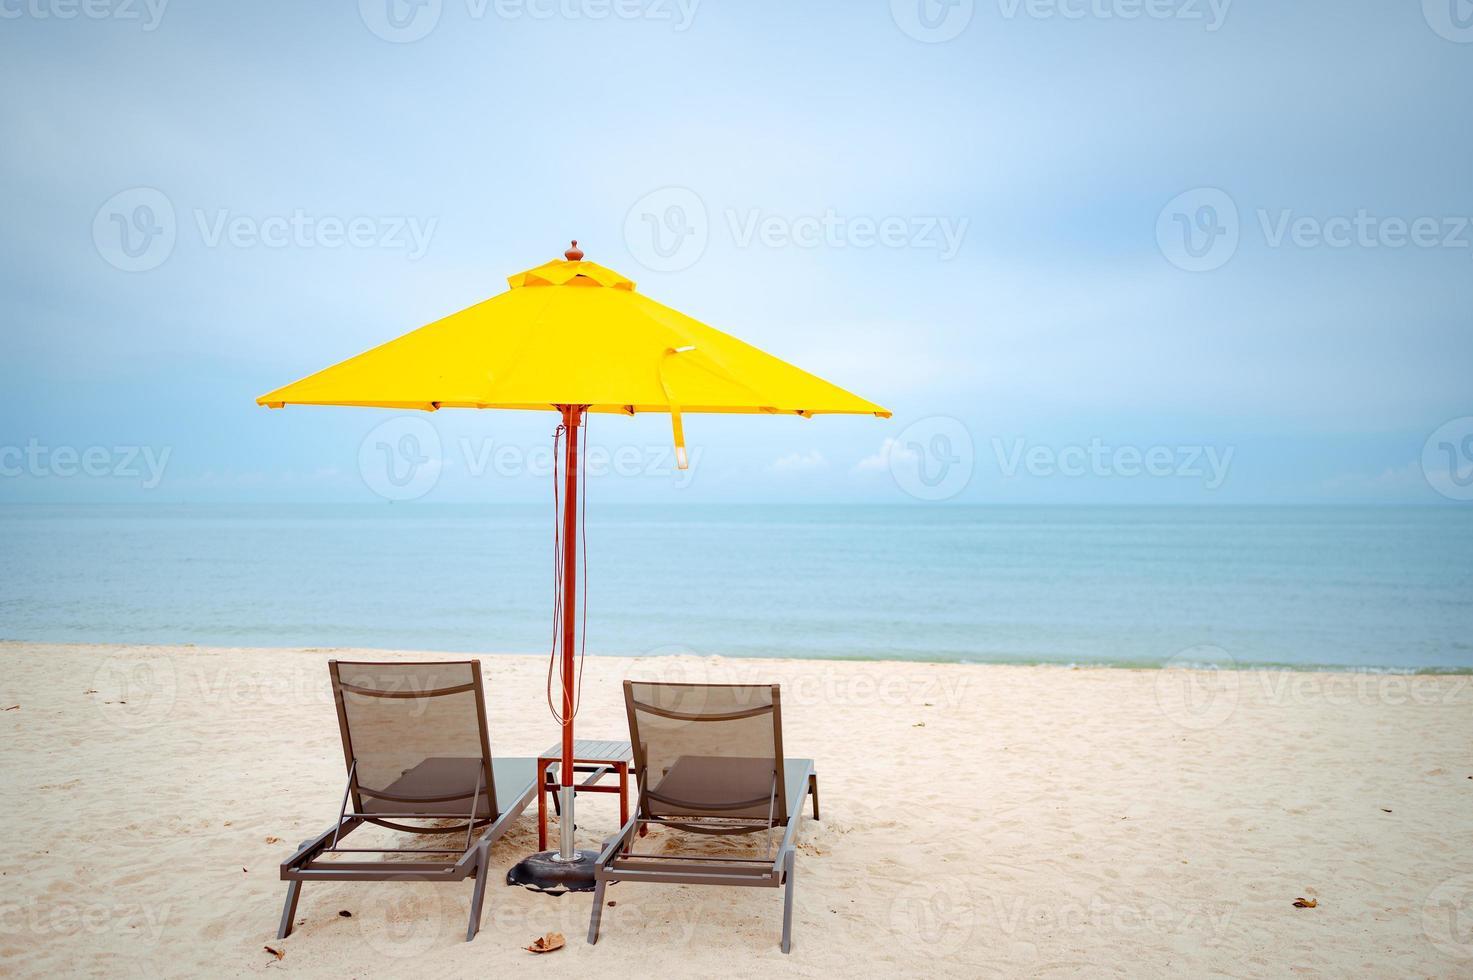 cadeiras de praia sob um guarda-sol amarelo na praia foto